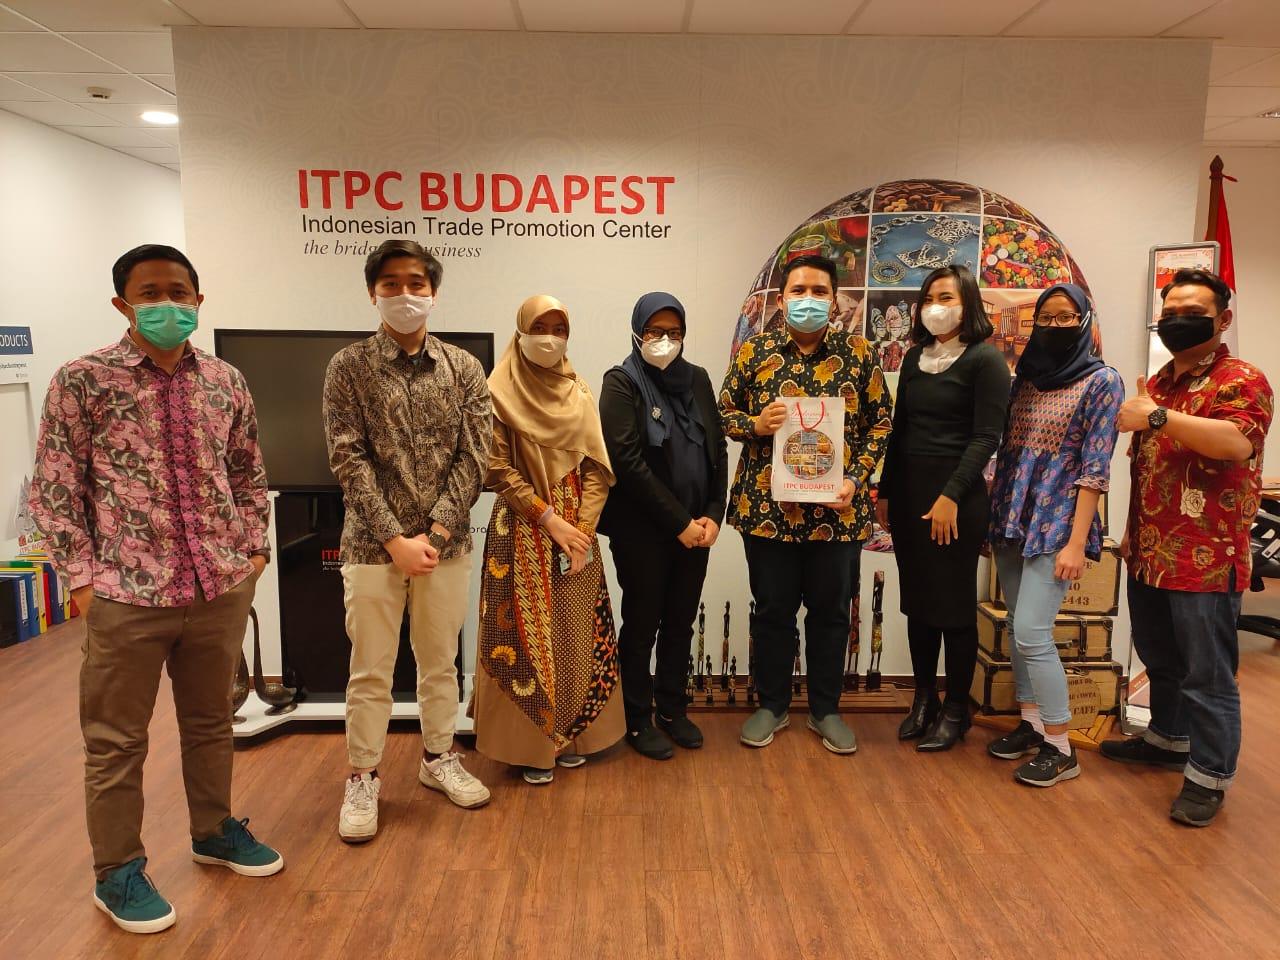 Budi (kiri) bersama tim ITPC Budapest - Sumber foto: Dok. B. Setiawan